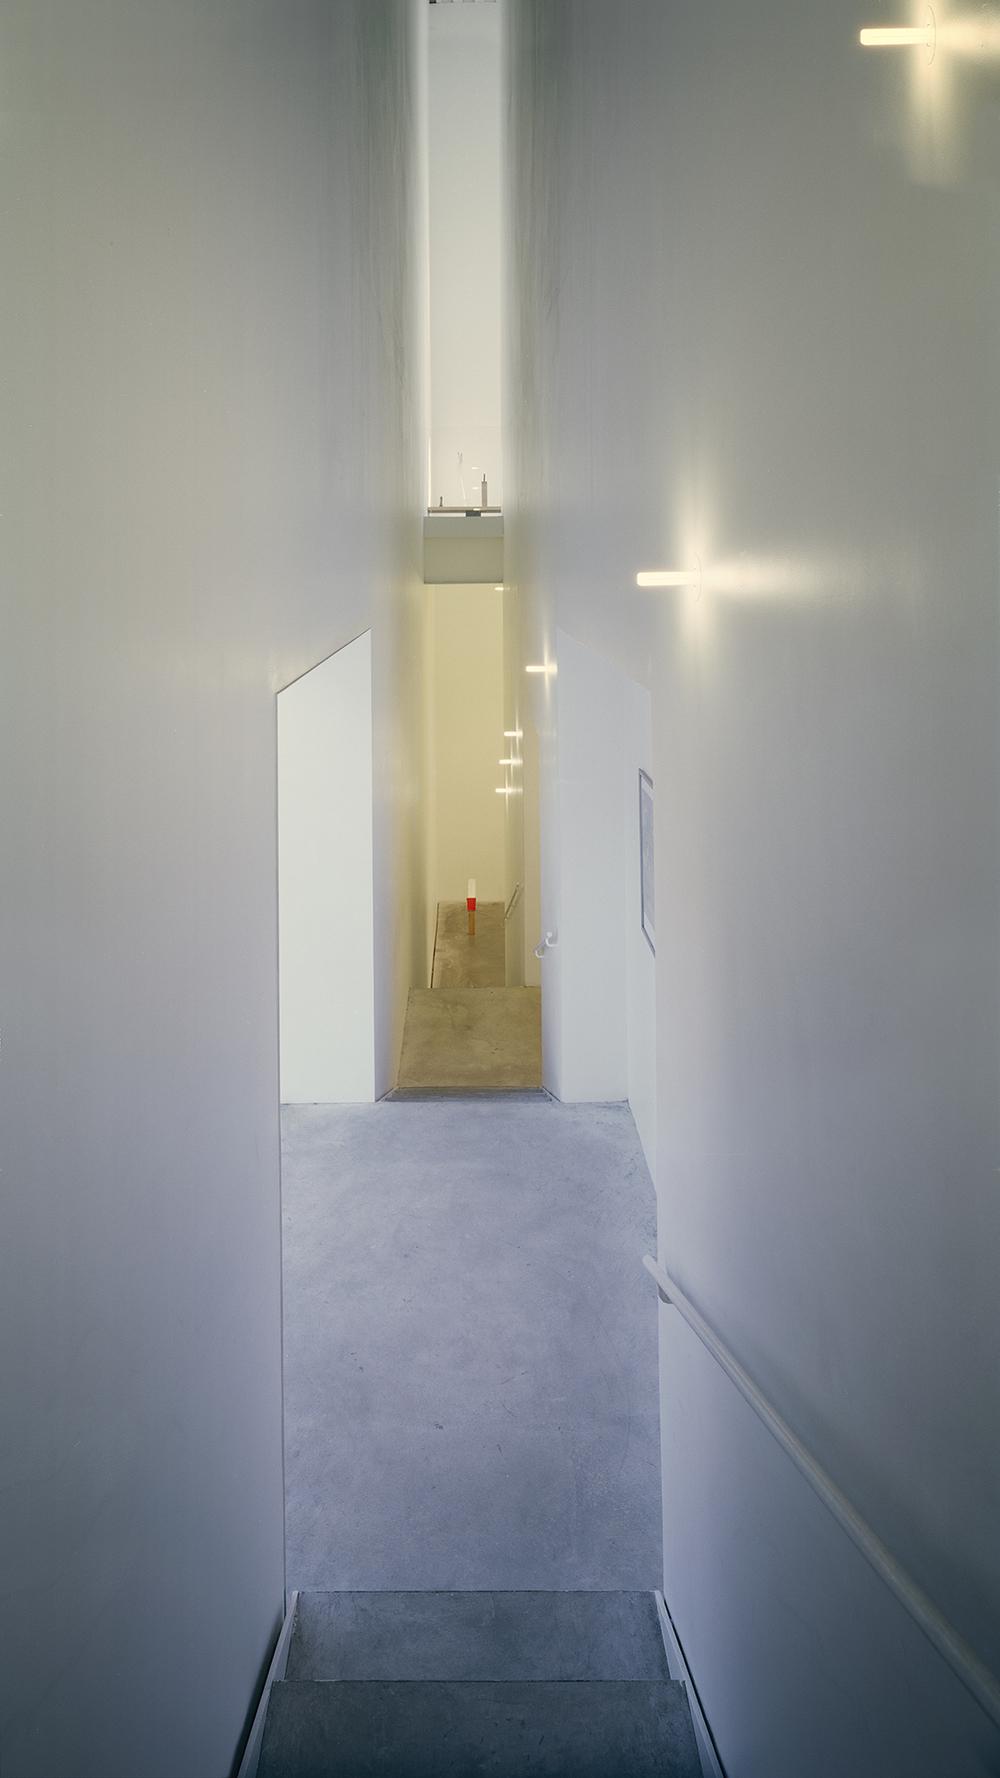 013-NEWMUSEUM.jpg